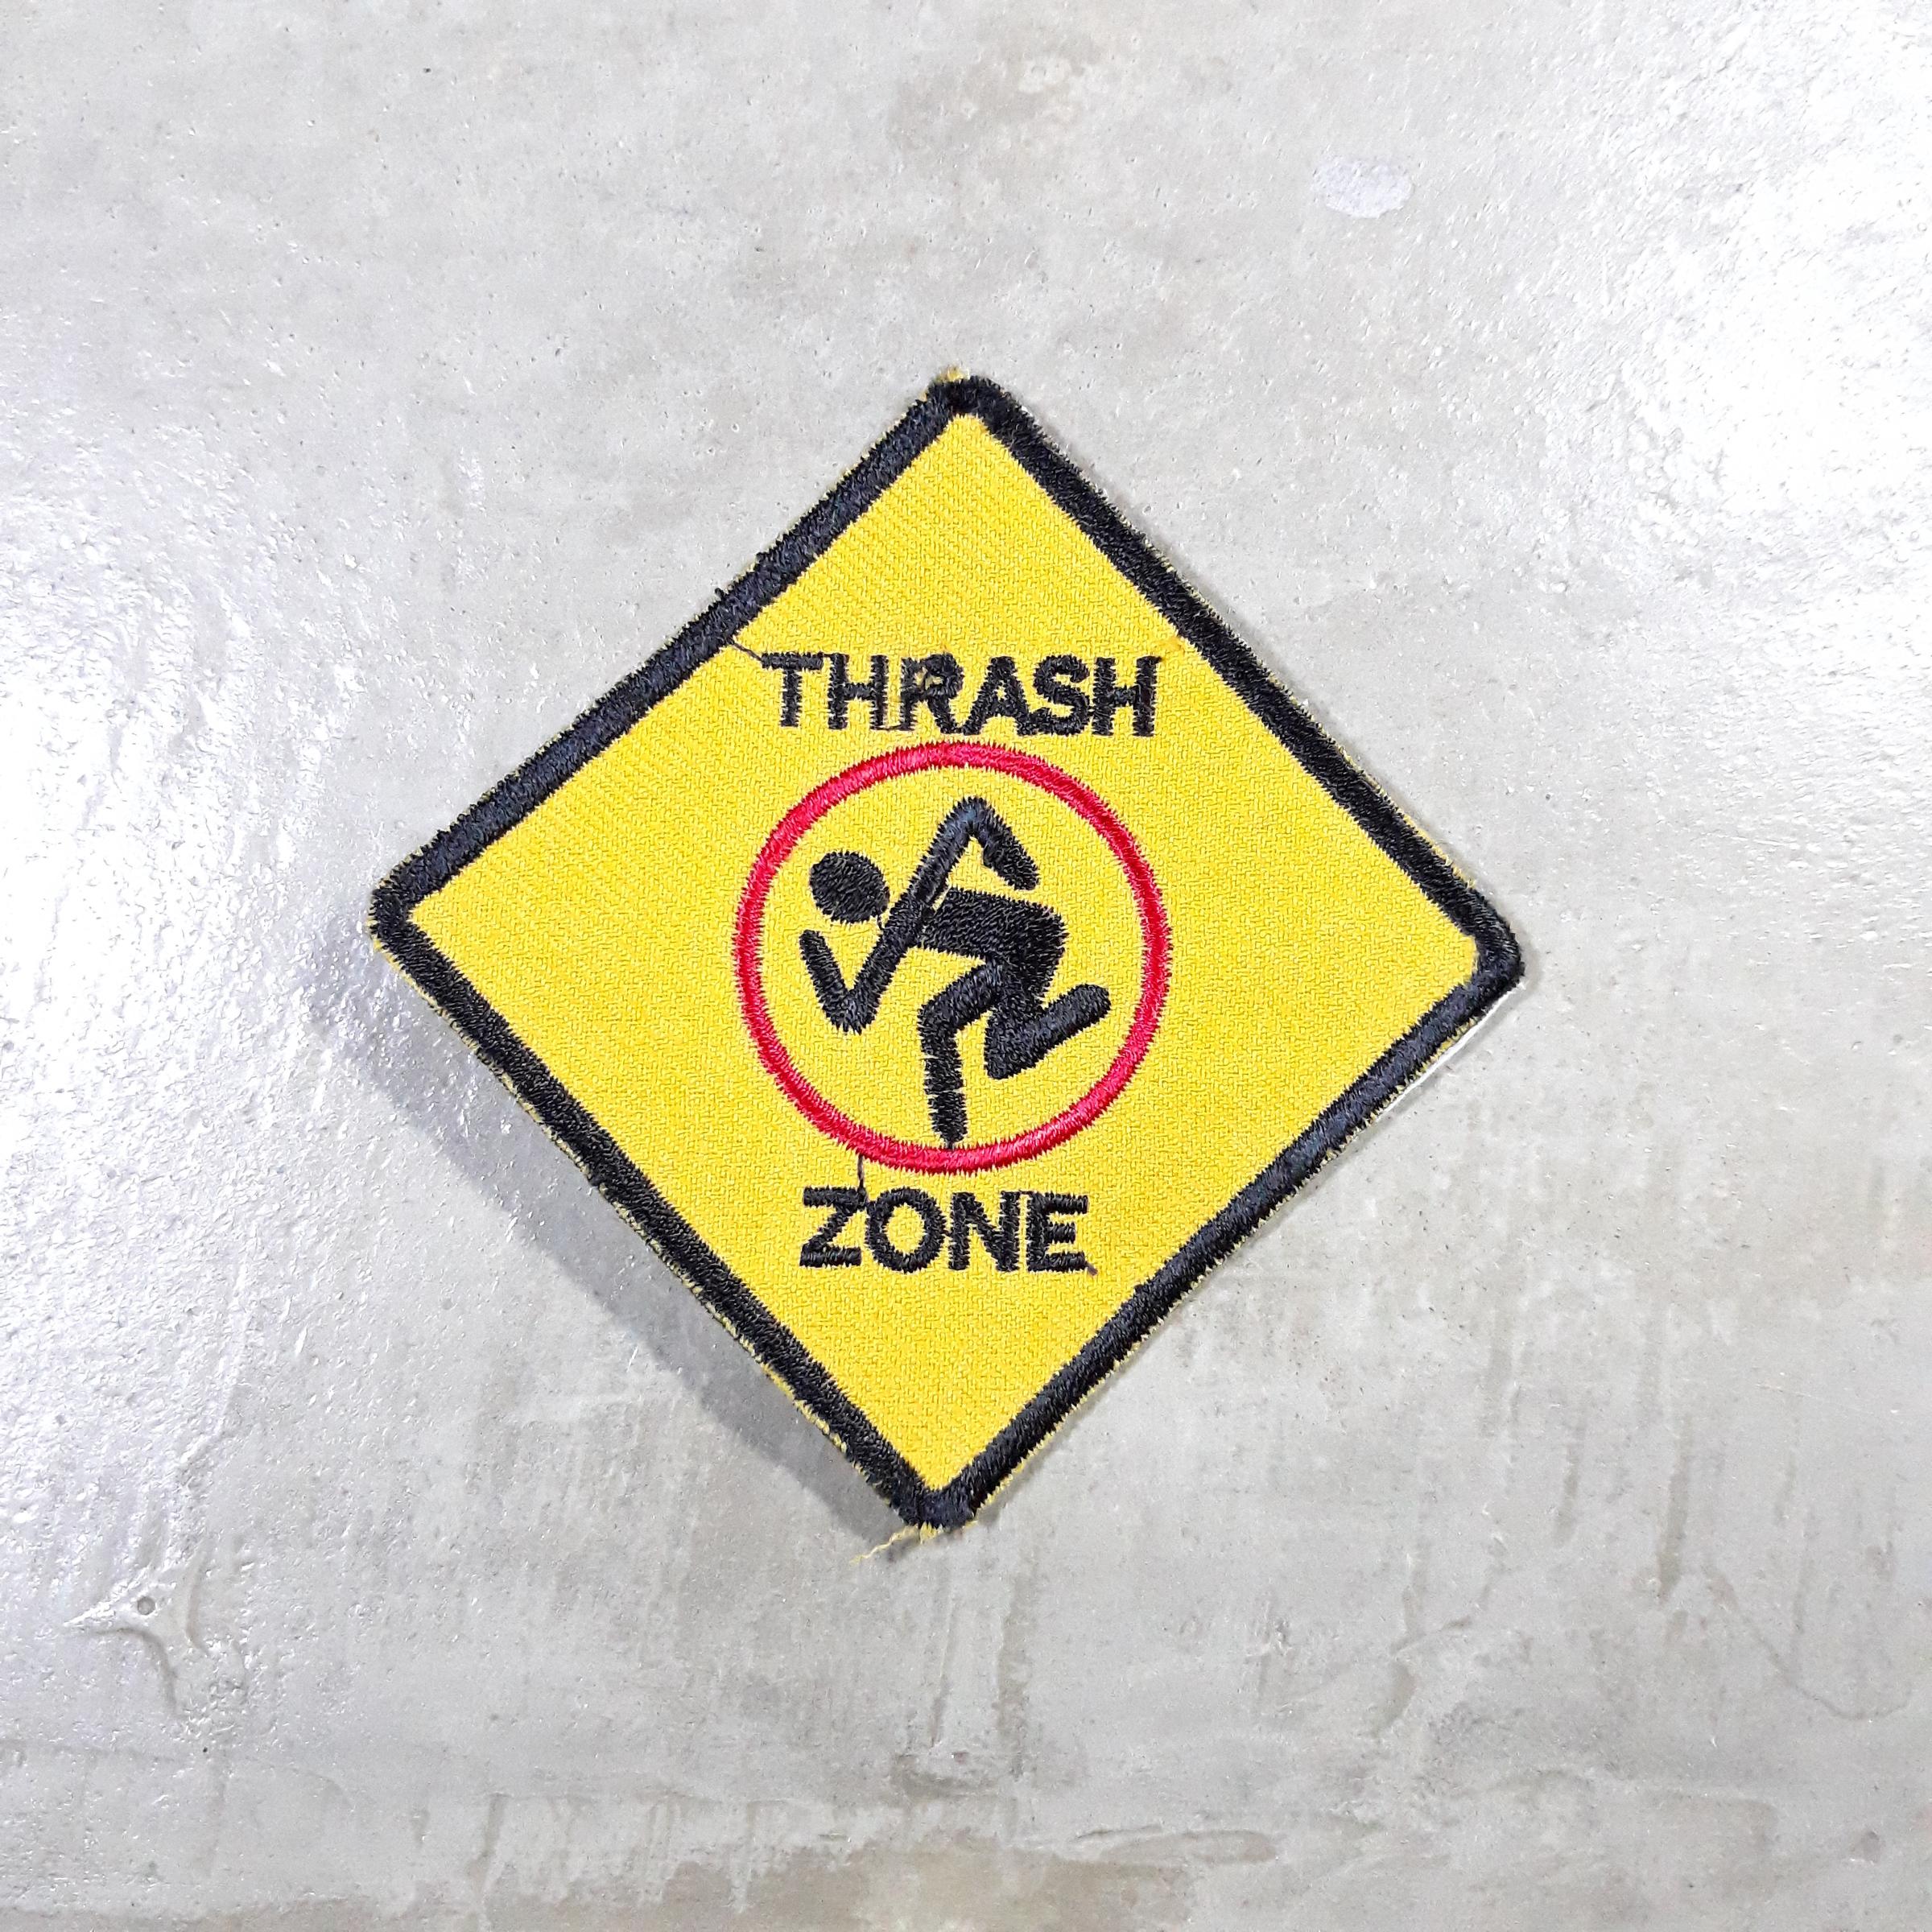 D.R.I-Thrash zone.jpg